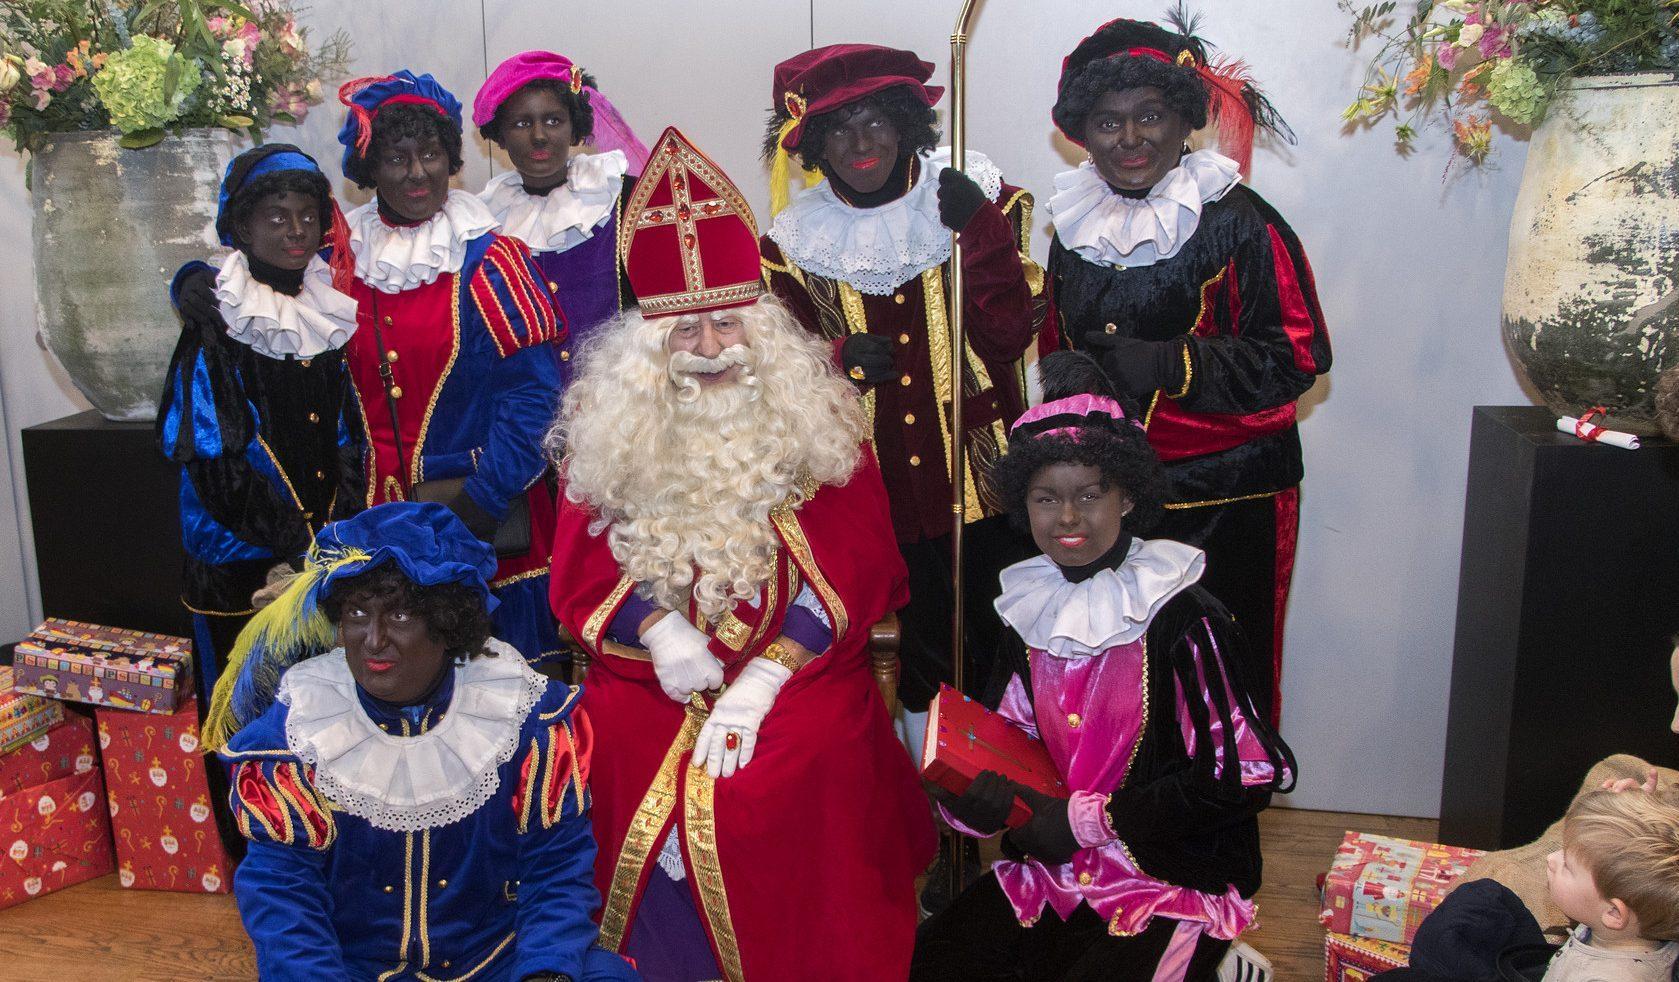 Zaterdag 24 november is Sinterklaas op bezoek in de Touwslagersbaan!